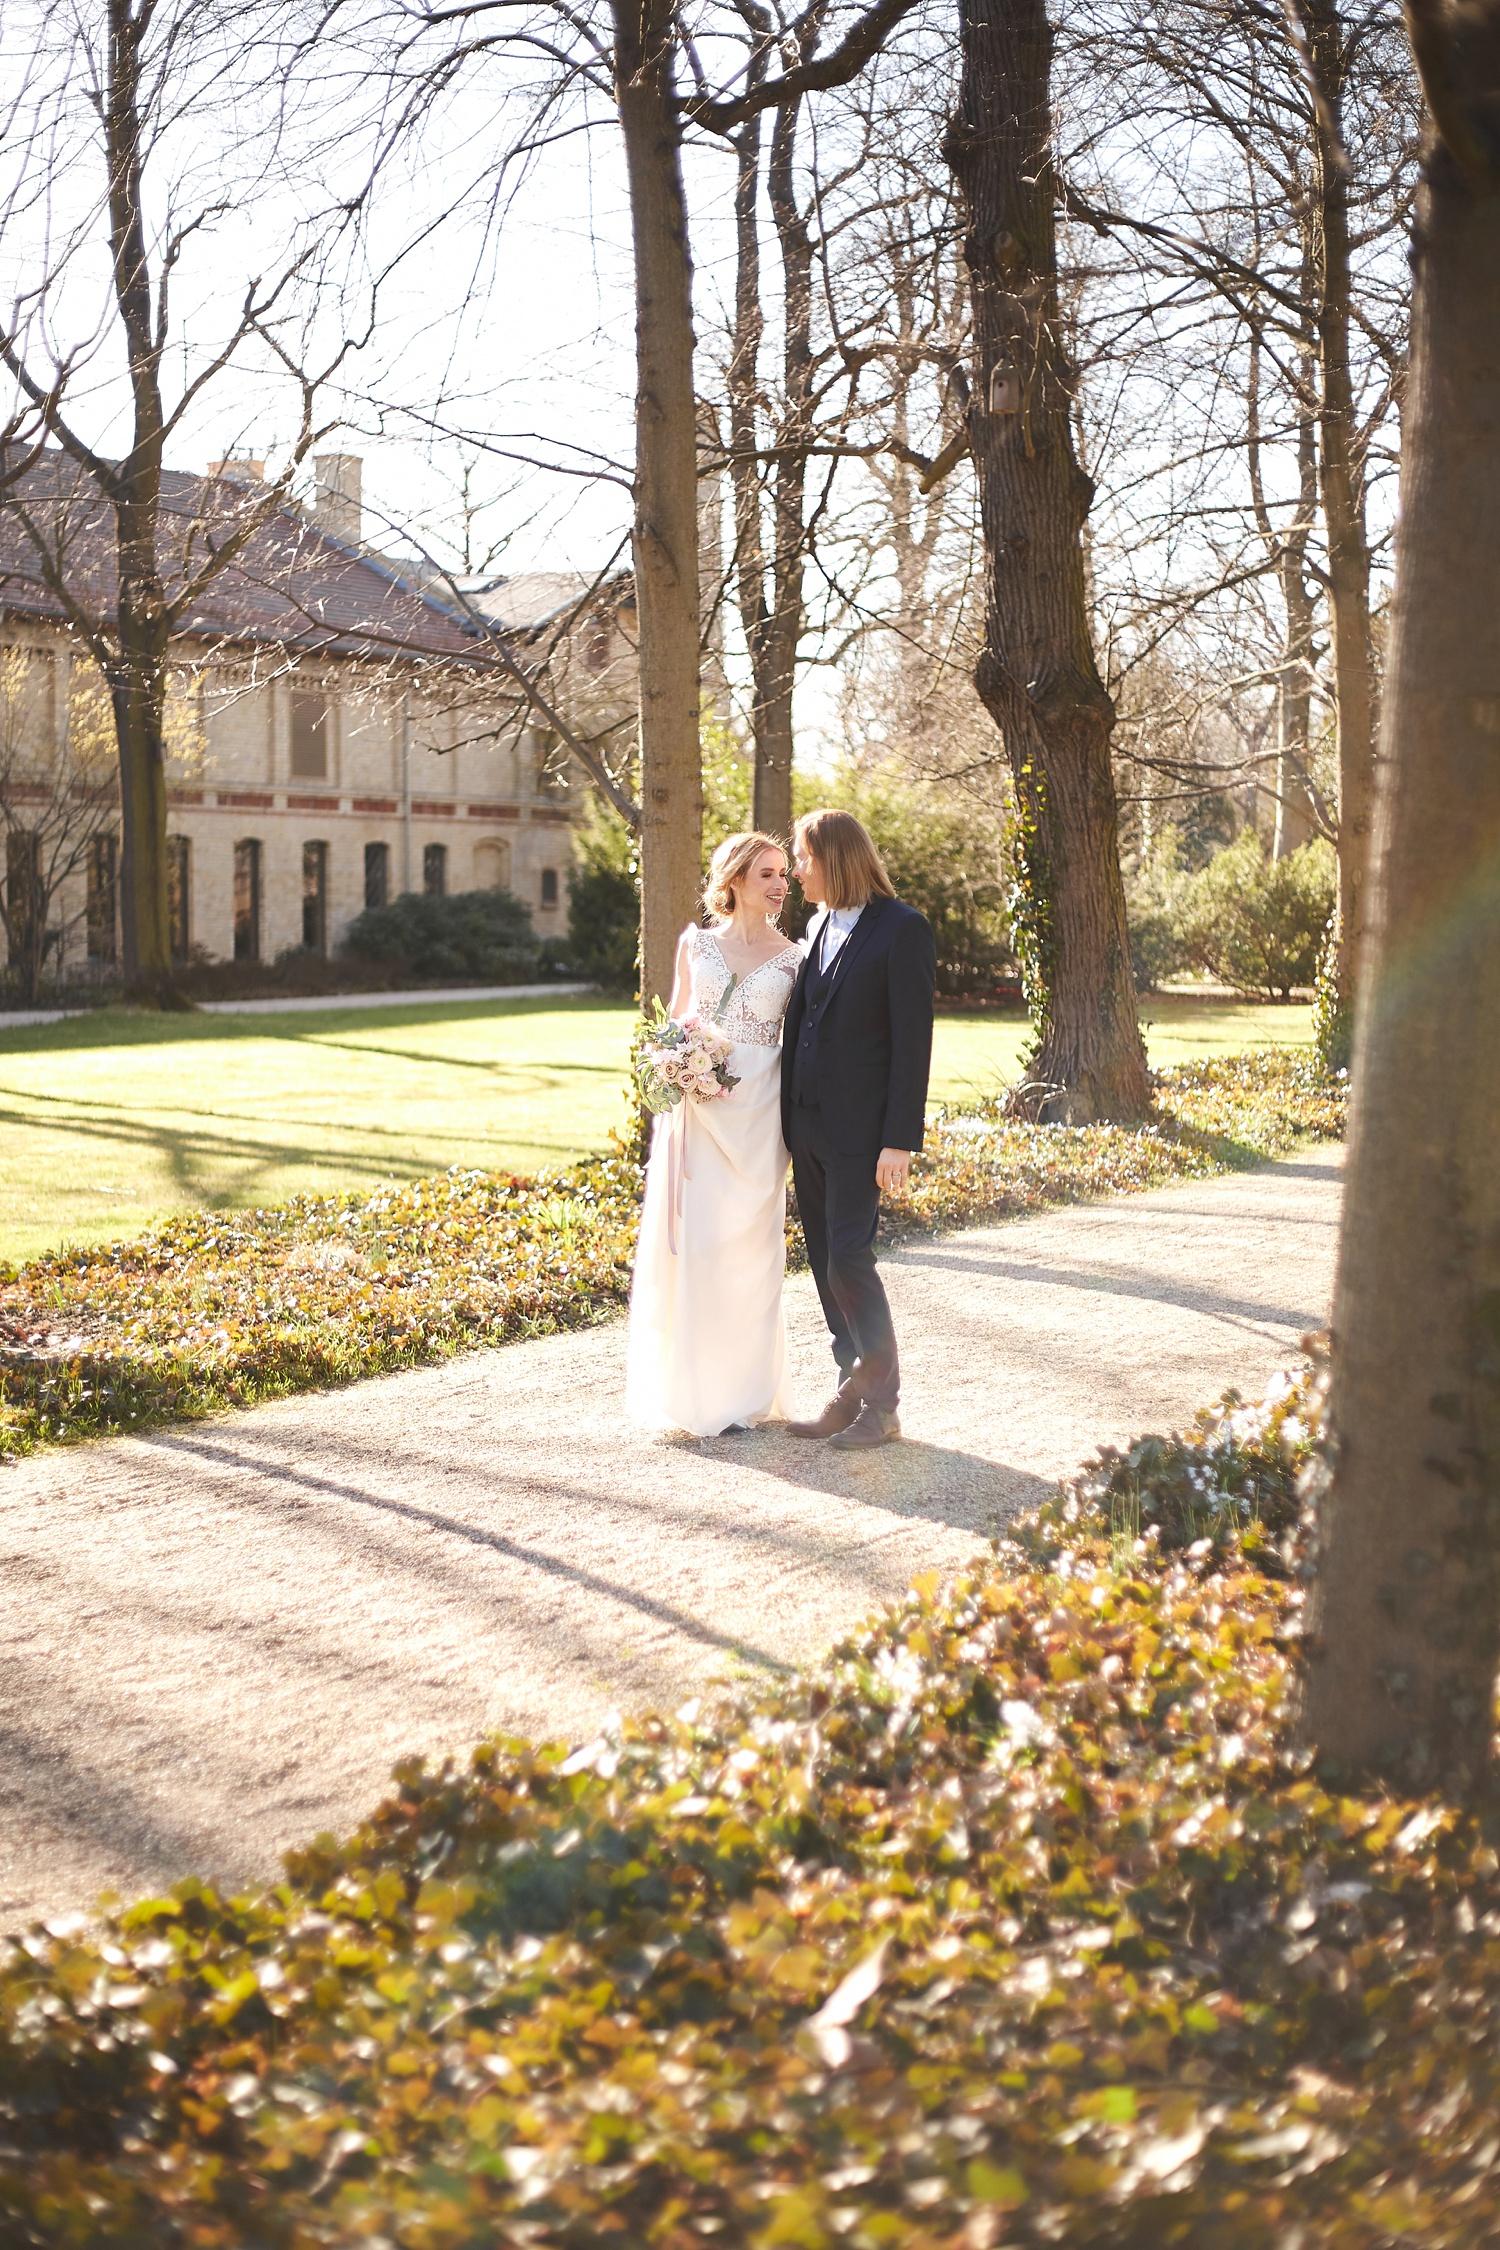 Stefanie Lange Hochzeitsfotograf: Styled Shoot Hochzeit im Gutshof Schloss Britz Berlin 2018